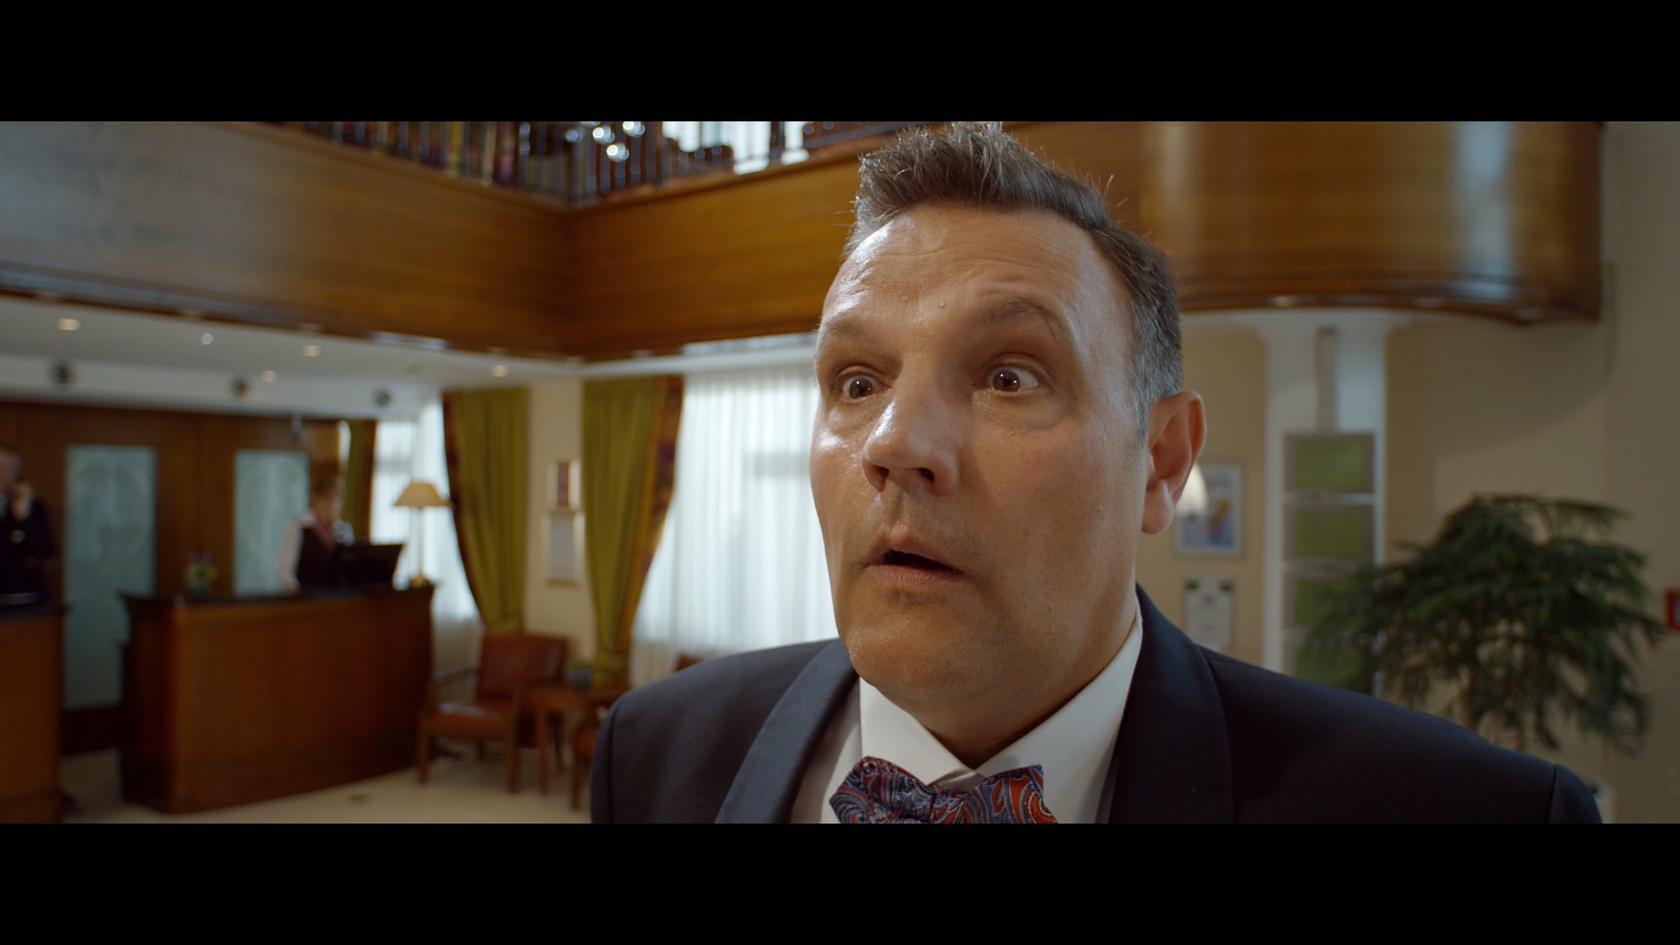 Mario Teschke as Concierge